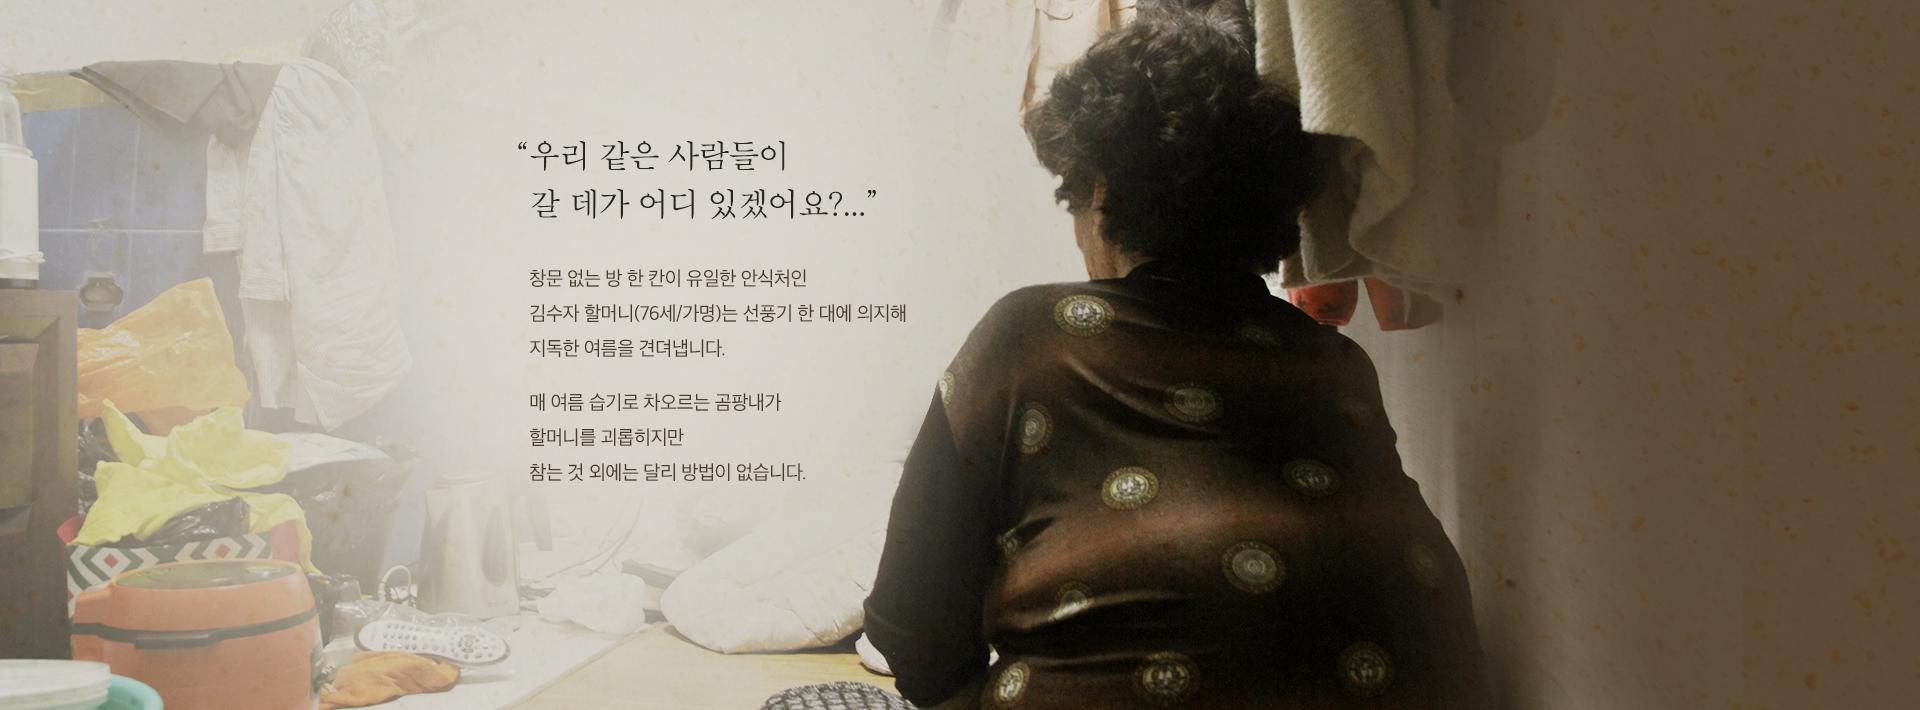 창문 없는 방 한 칸이 유일한 안식처인 김수자 할머니(76세/가명)는 선풍기 한 대에 의지해 지독한 여름을 견뎌냅니다.